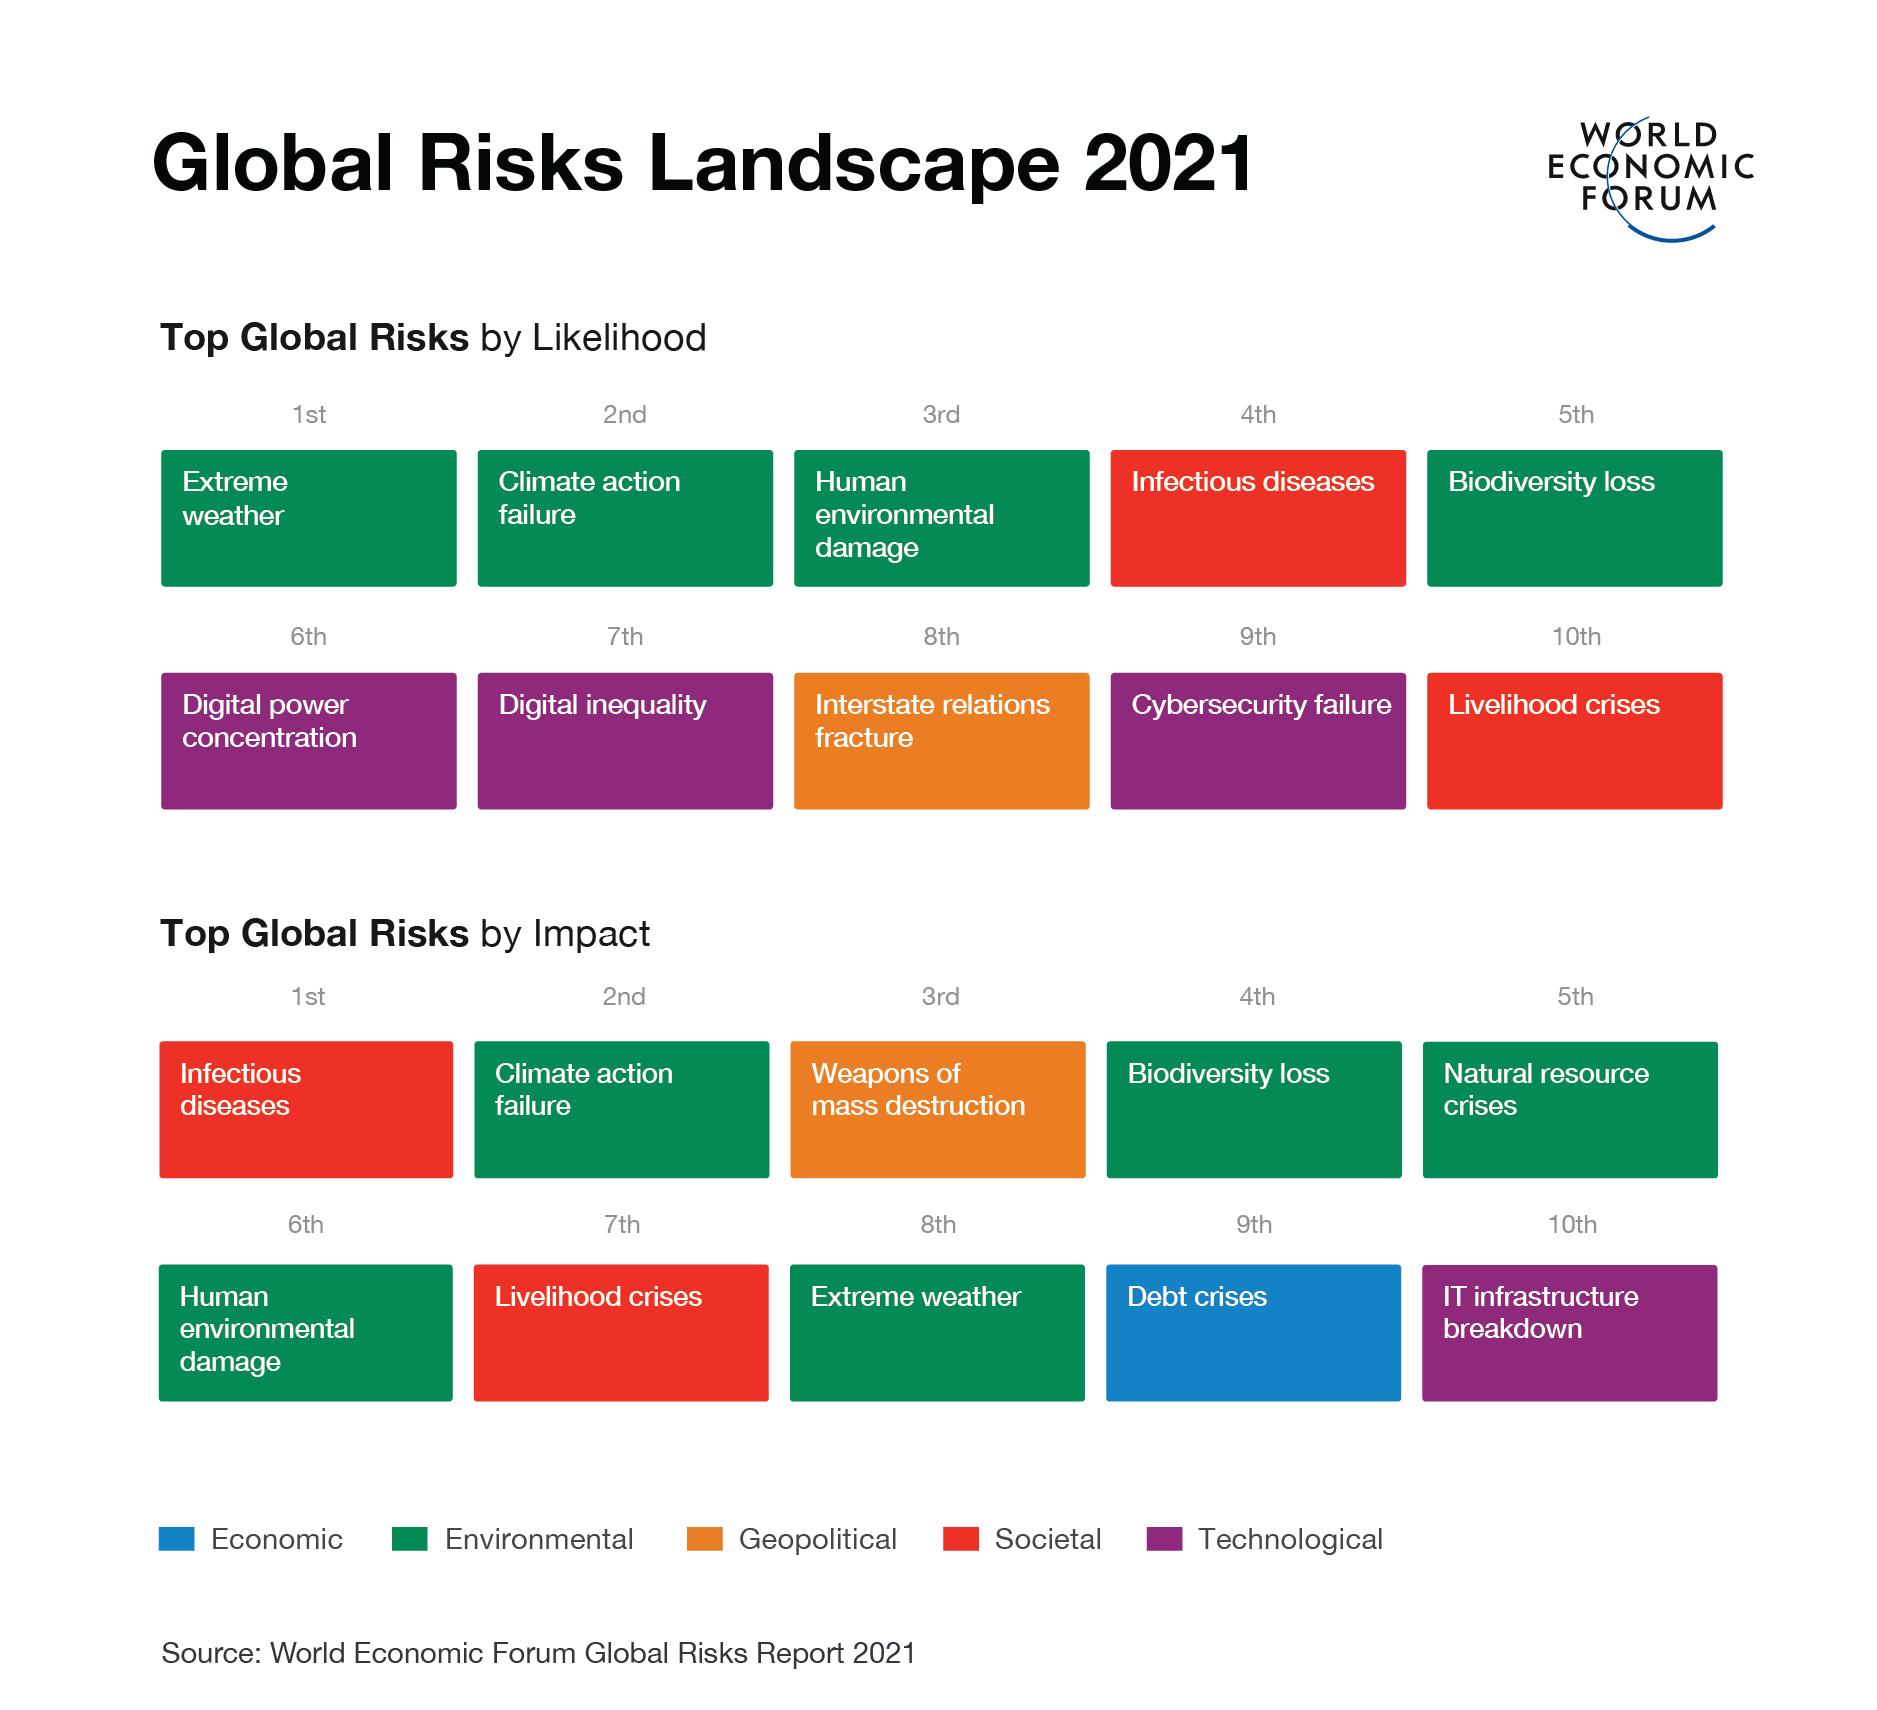 Global Risks Landscape 2021